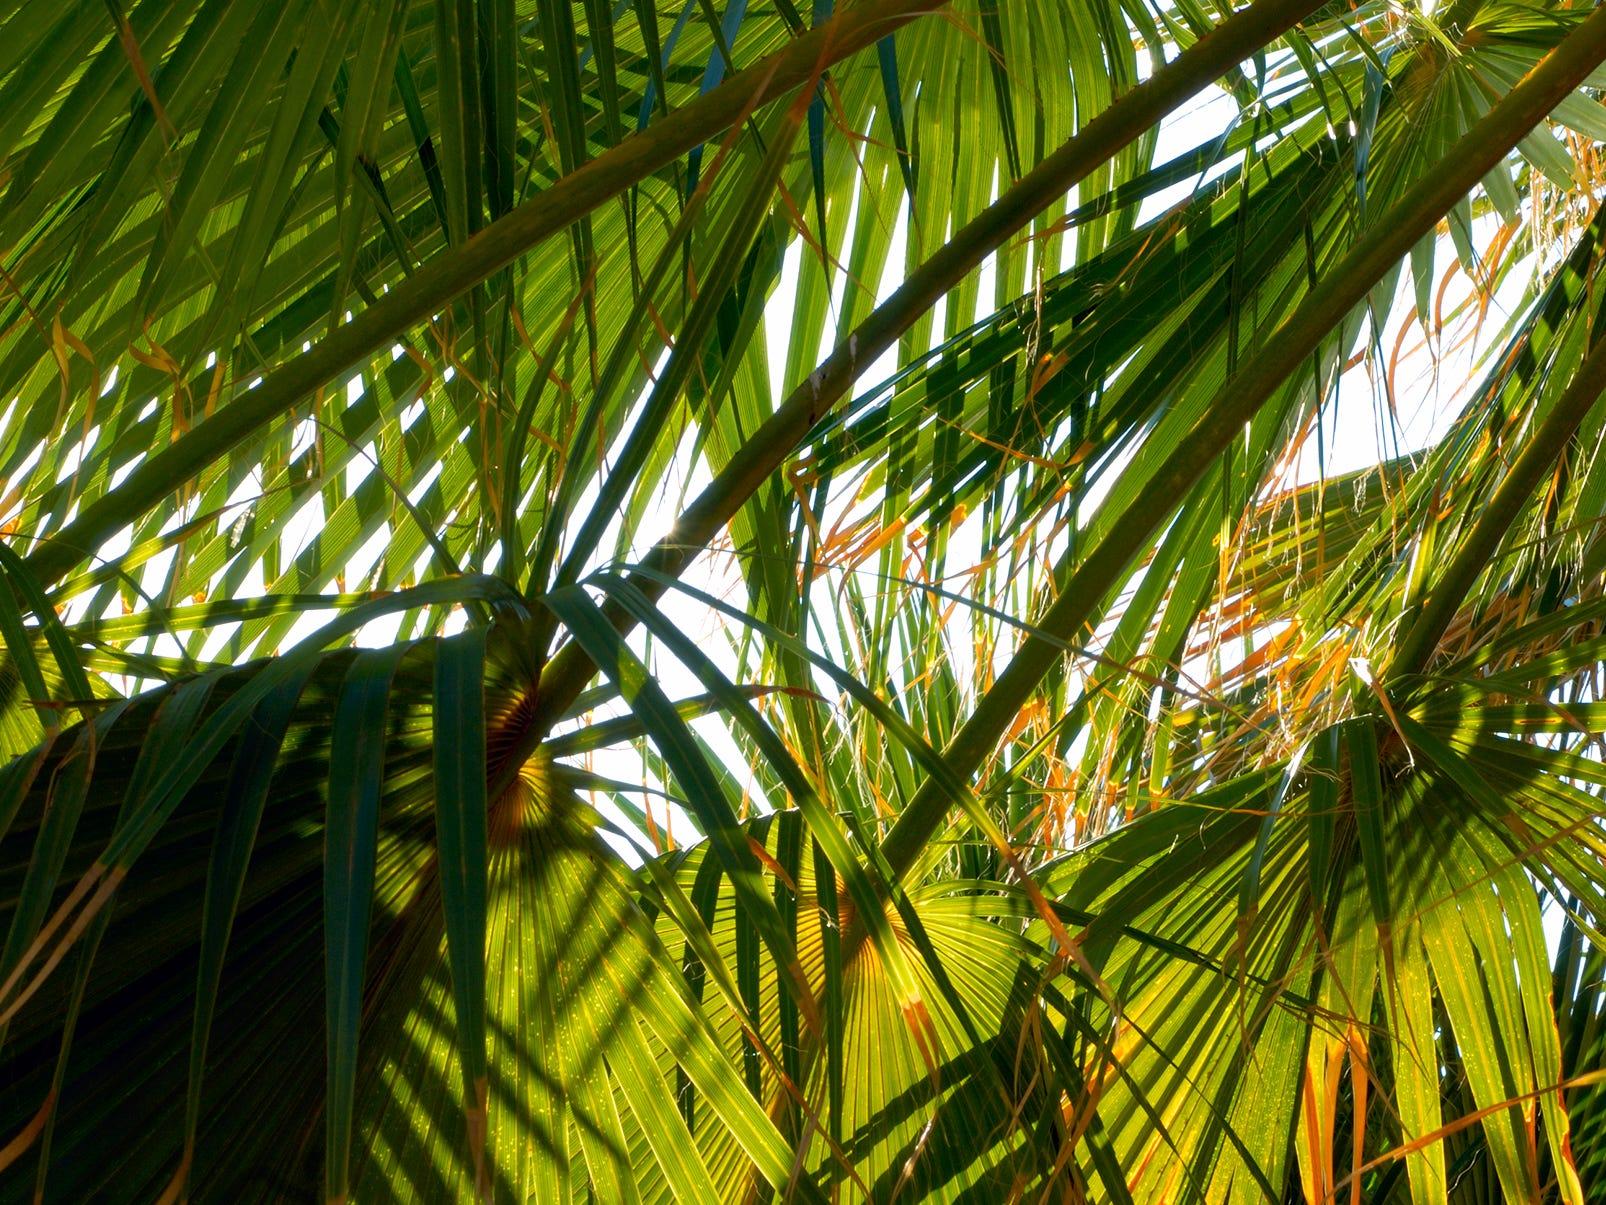 Desert fan palm fronds